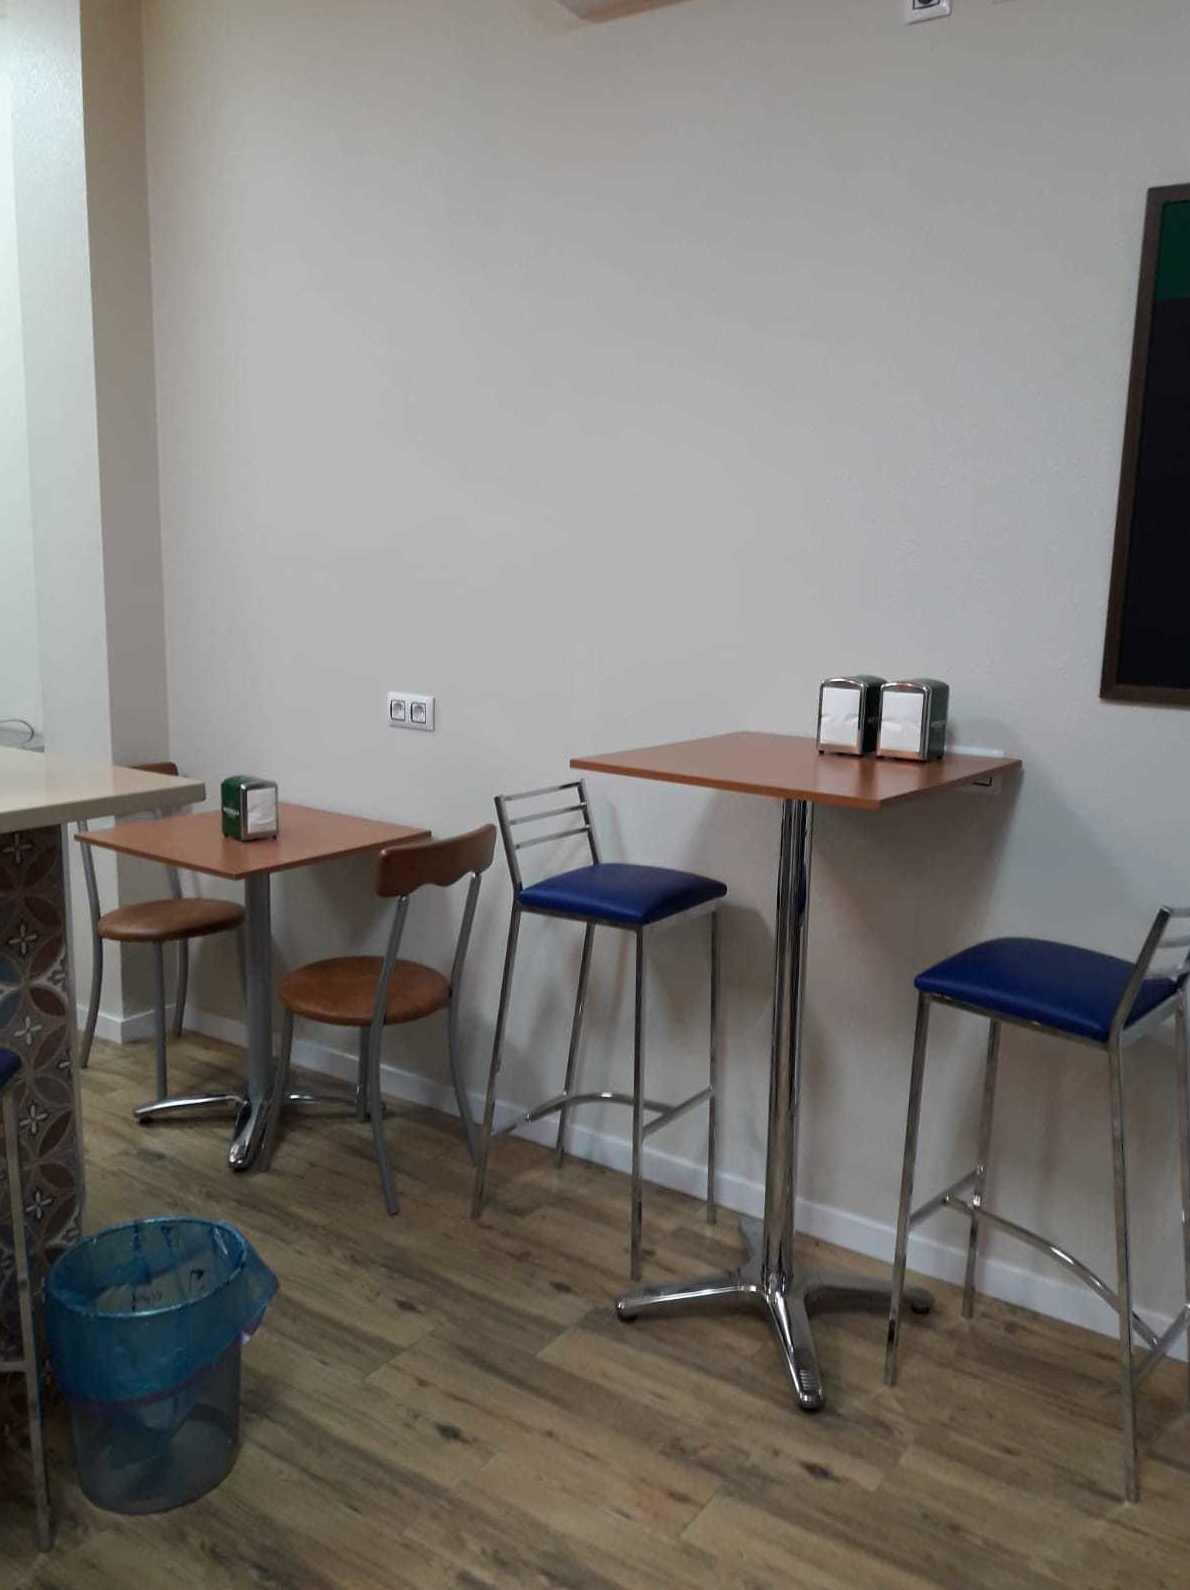 Foto 1 de Hostelería (instalaciones y suministros) en    Comume